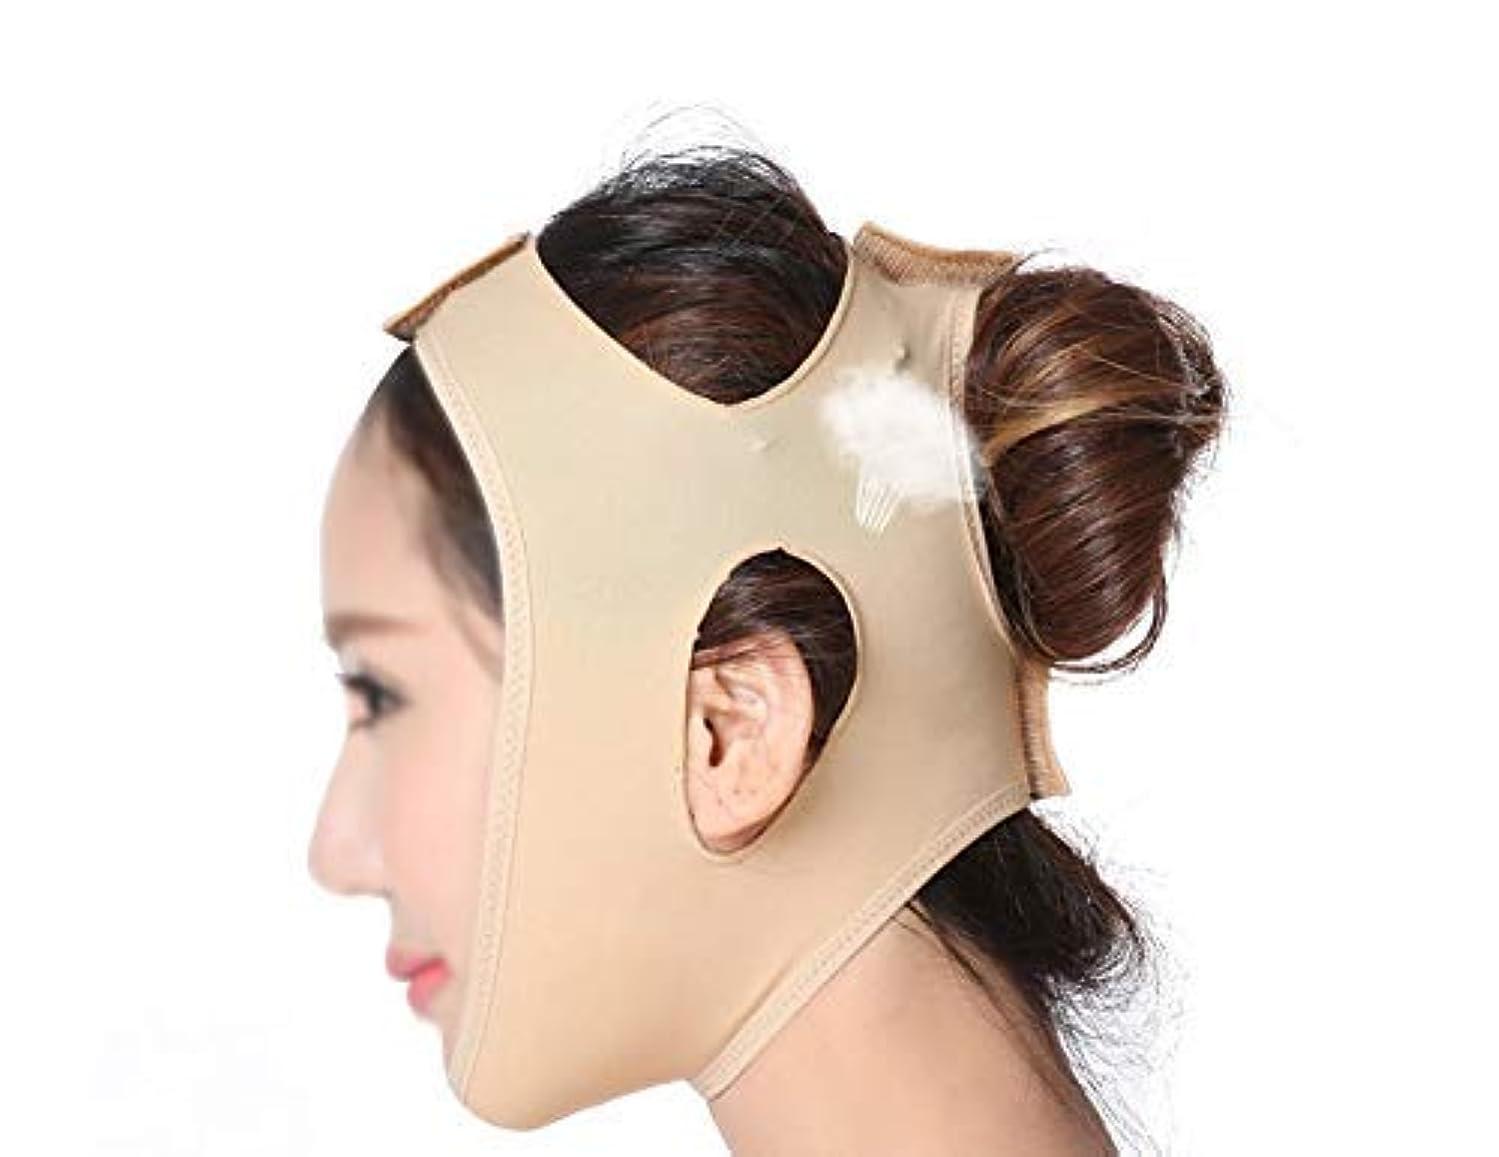 カテゴリートランスミッション帝国引き締めフェイスマスク、フェイシャルマスク睡眠薄型フェイス包帯薄型フェイスマスクフェイスリフティングフェイスメロンフェイスVフェイスリフティング引き締めダブルチン美容ツール(サイズ:L)